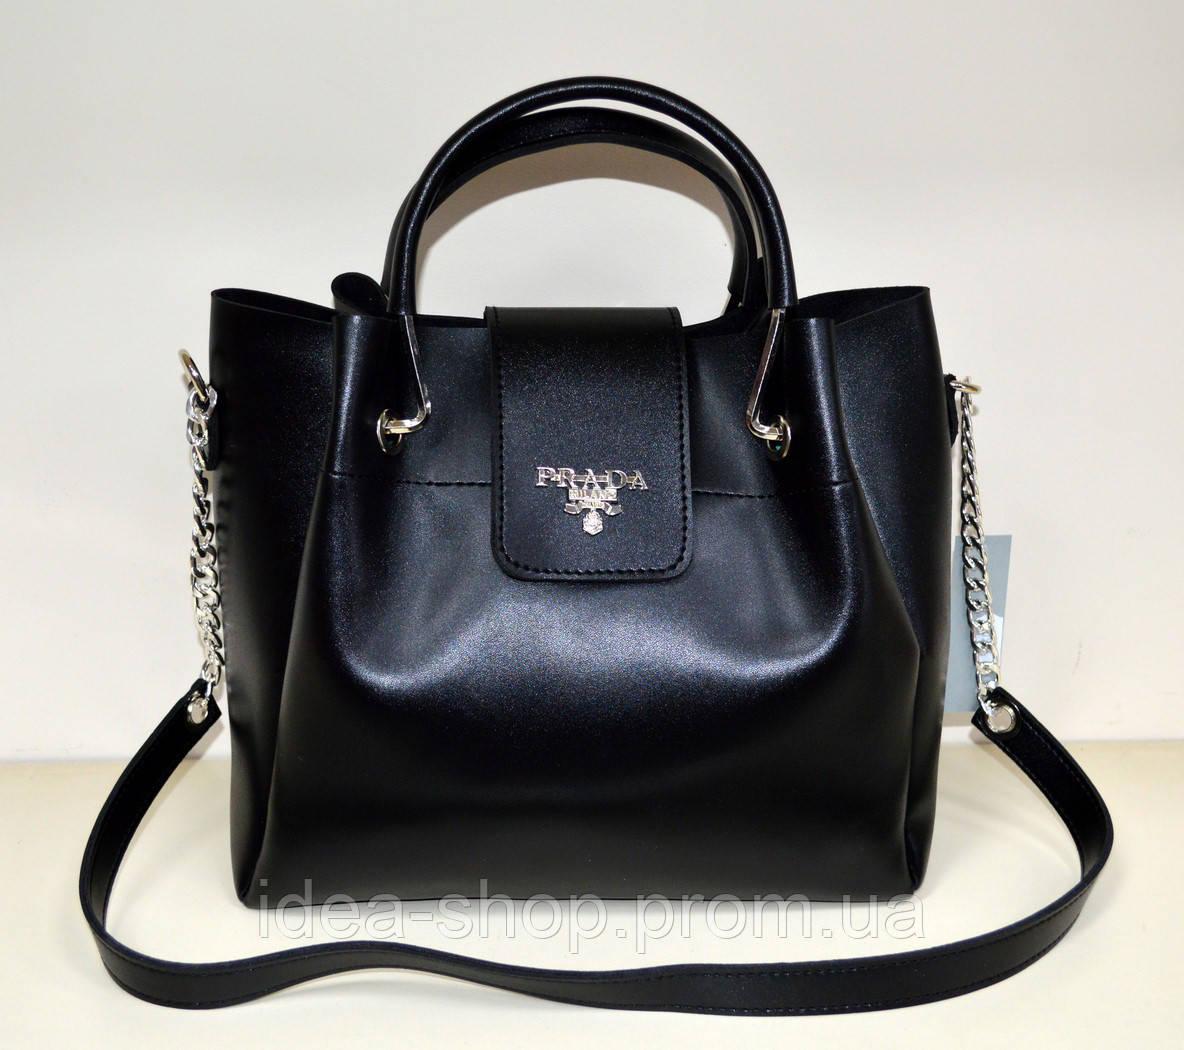 8517ac6cfe45 Стильная сумка PRADA реплика из экокожи черного цвета - интернет-магазин